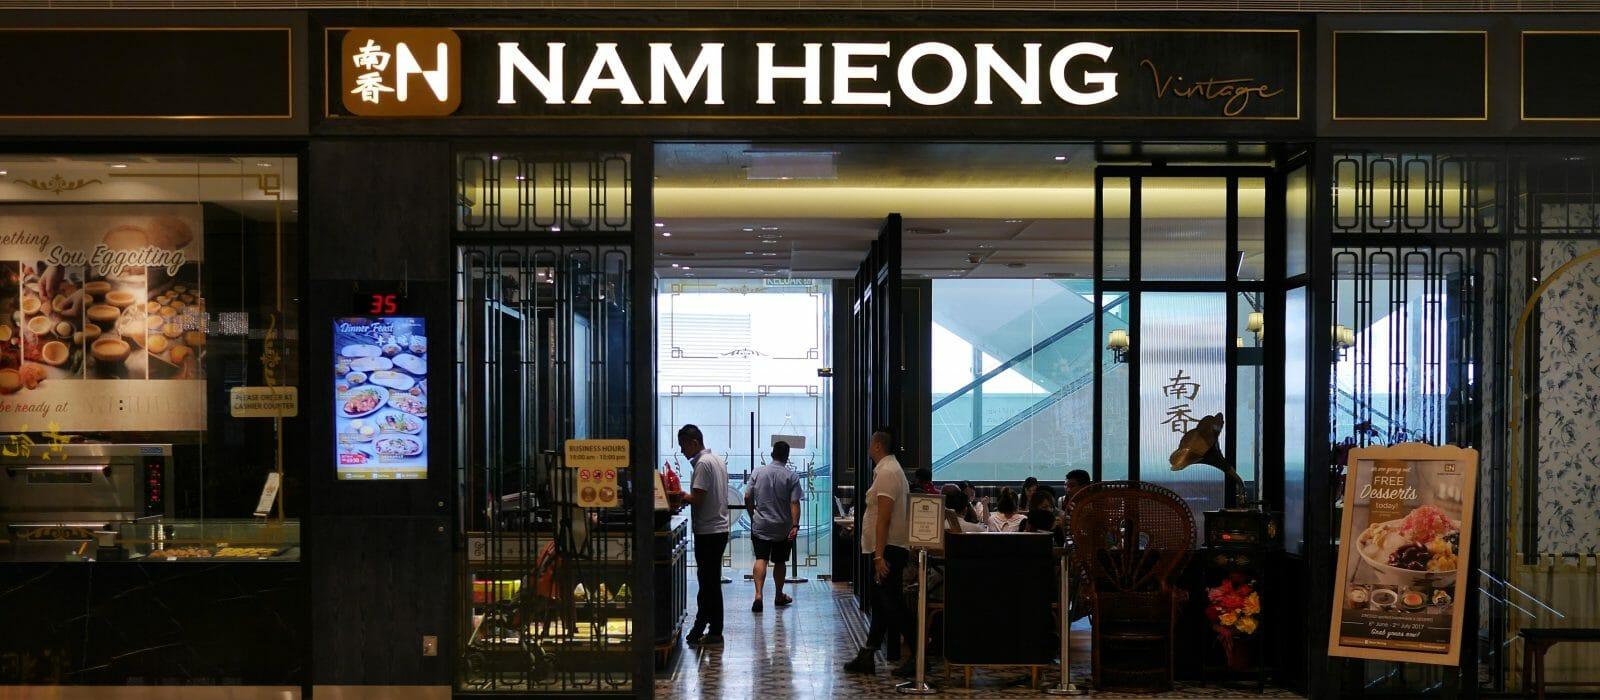 Nam Heong, Pavilion Elite